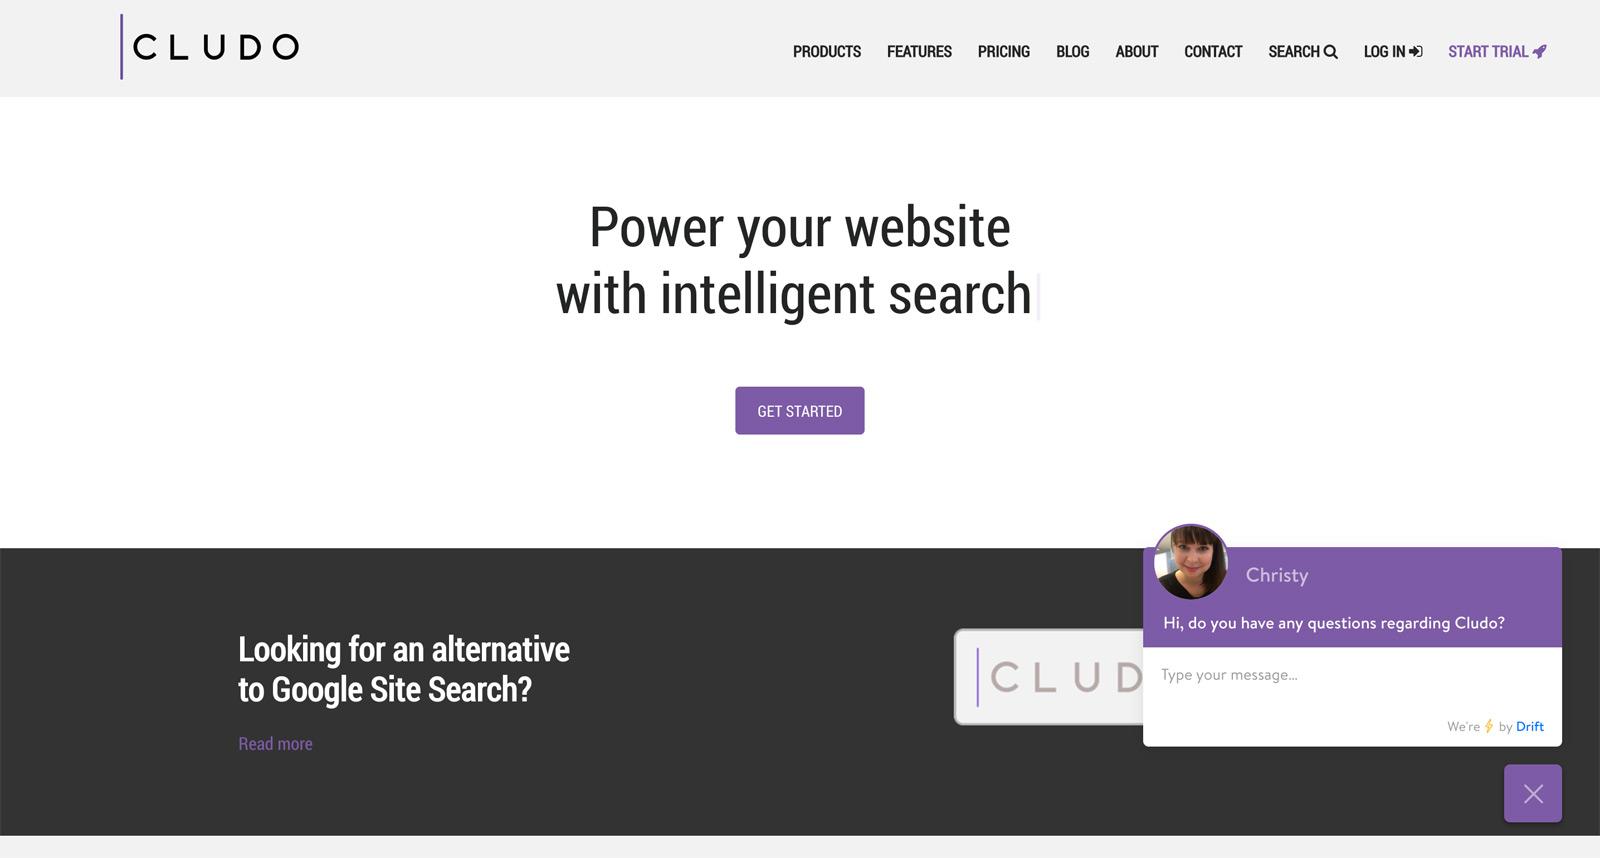 Cludo Cloud Search Alternative zu Google Site Search